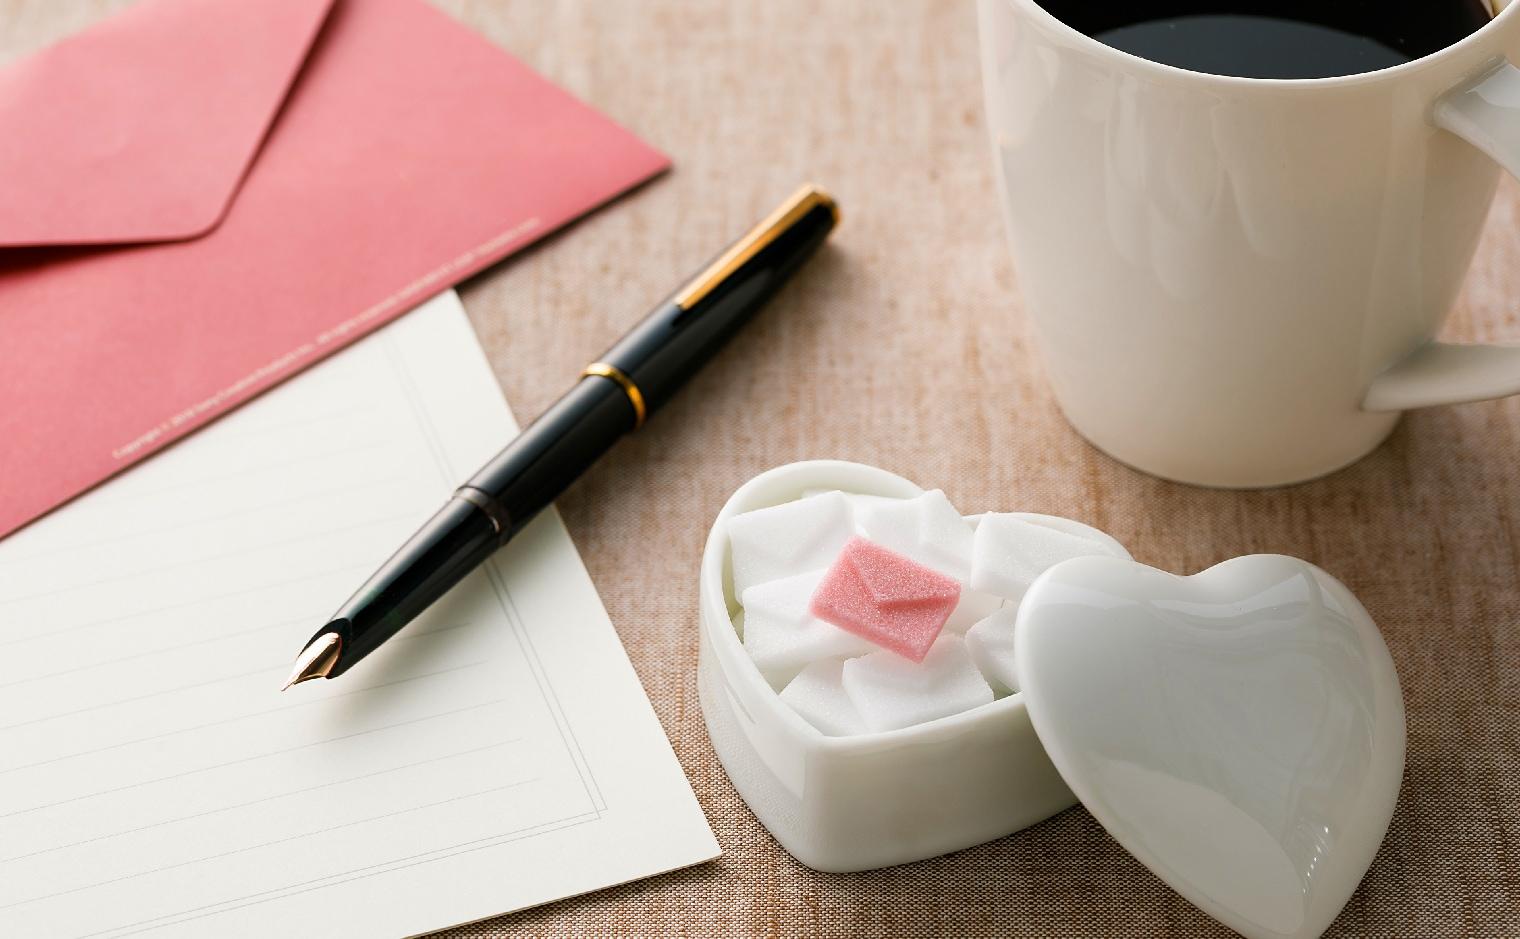 デザインシュガー,物語のある砂糖,かわいい,可愛い,角砂糖,手紙,レター,Letter